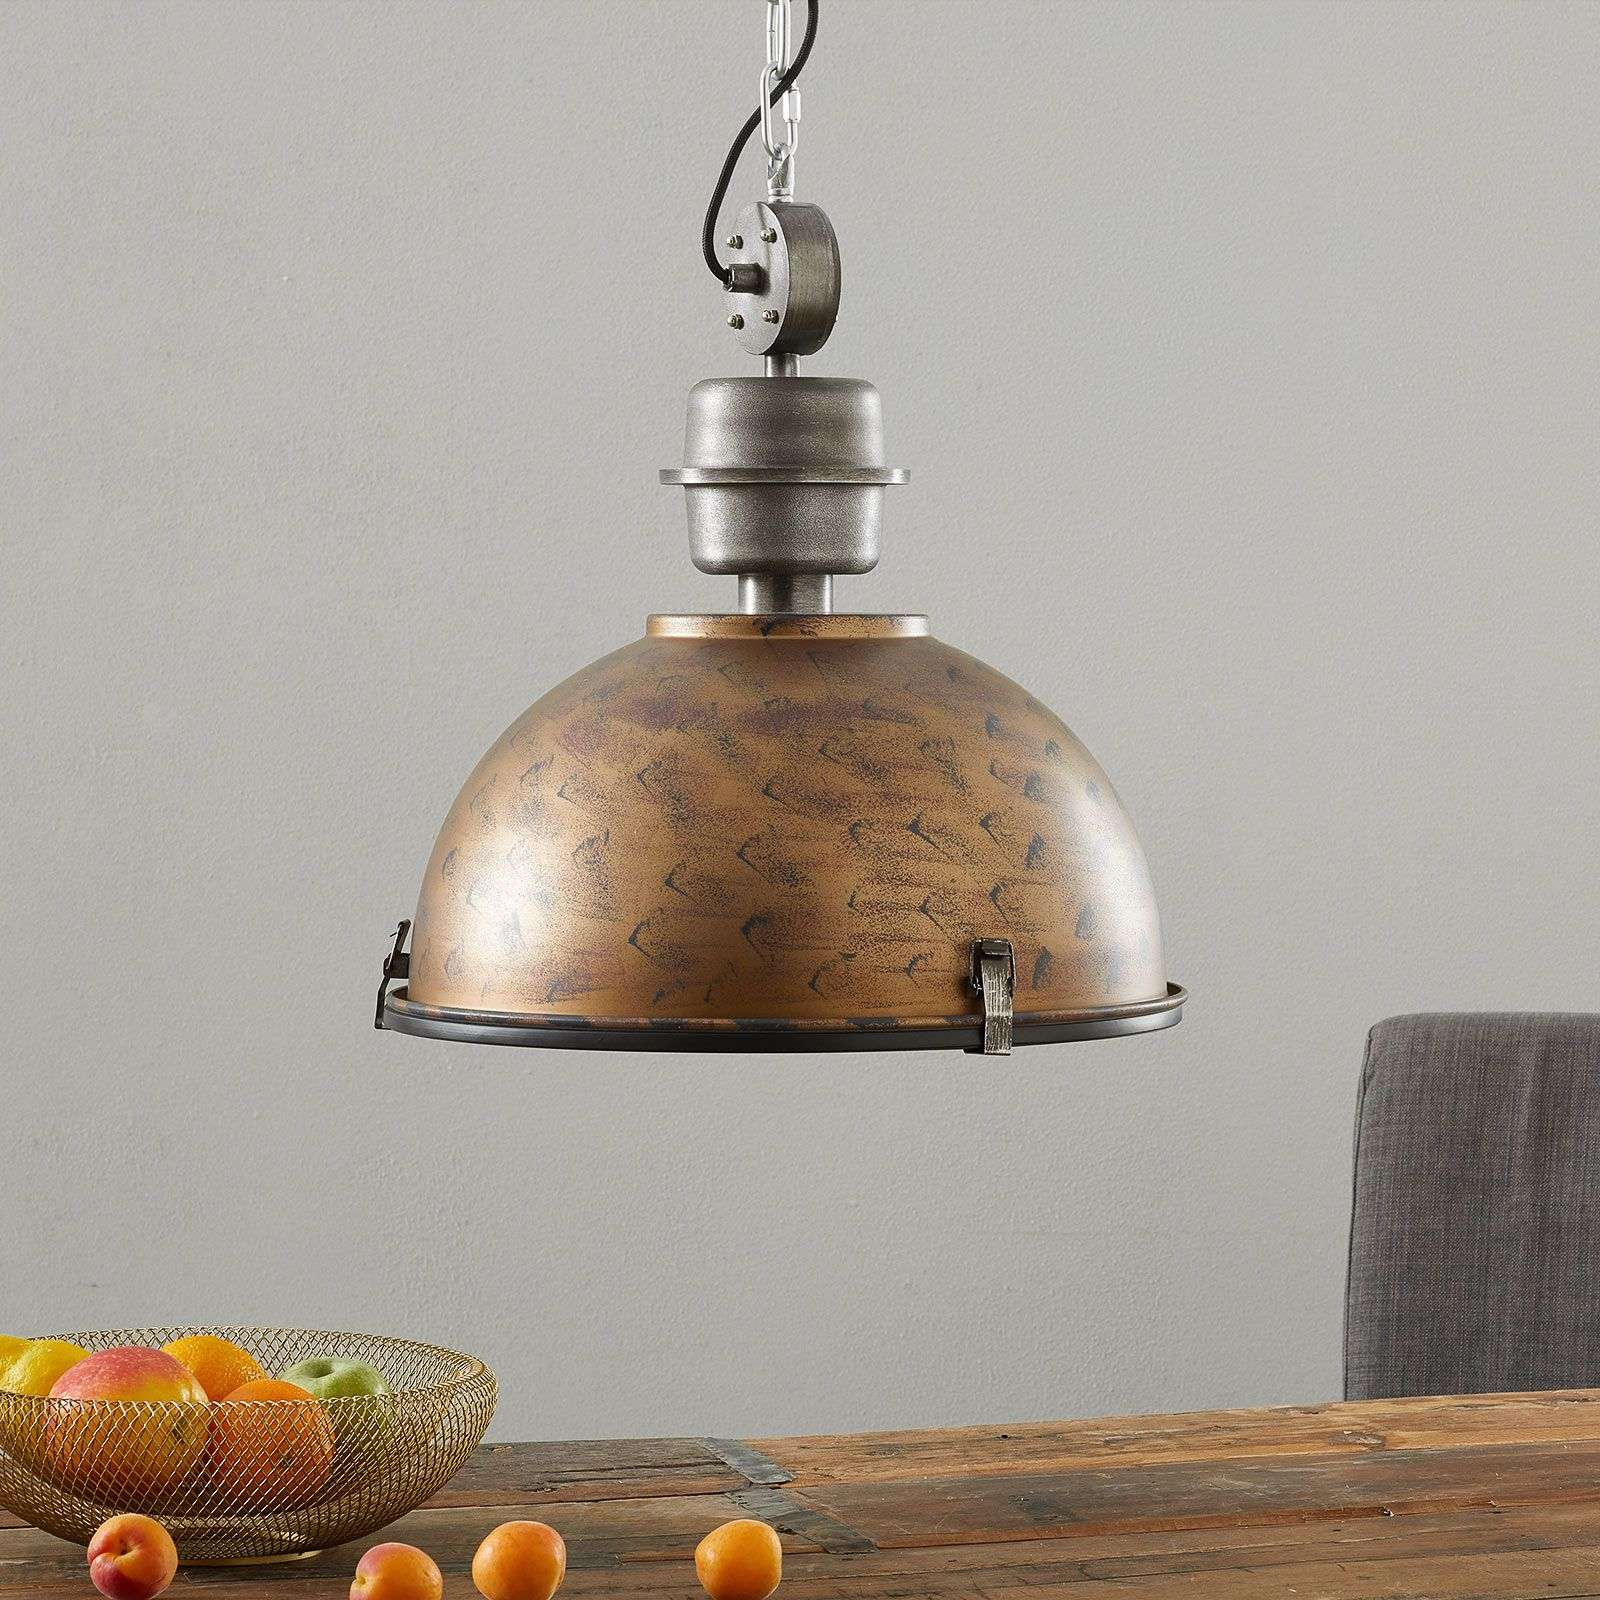 industrial look lighting. Copper Brown Bikkel Hanging Light, Industrial Look-8509641-31 Look Lighting I